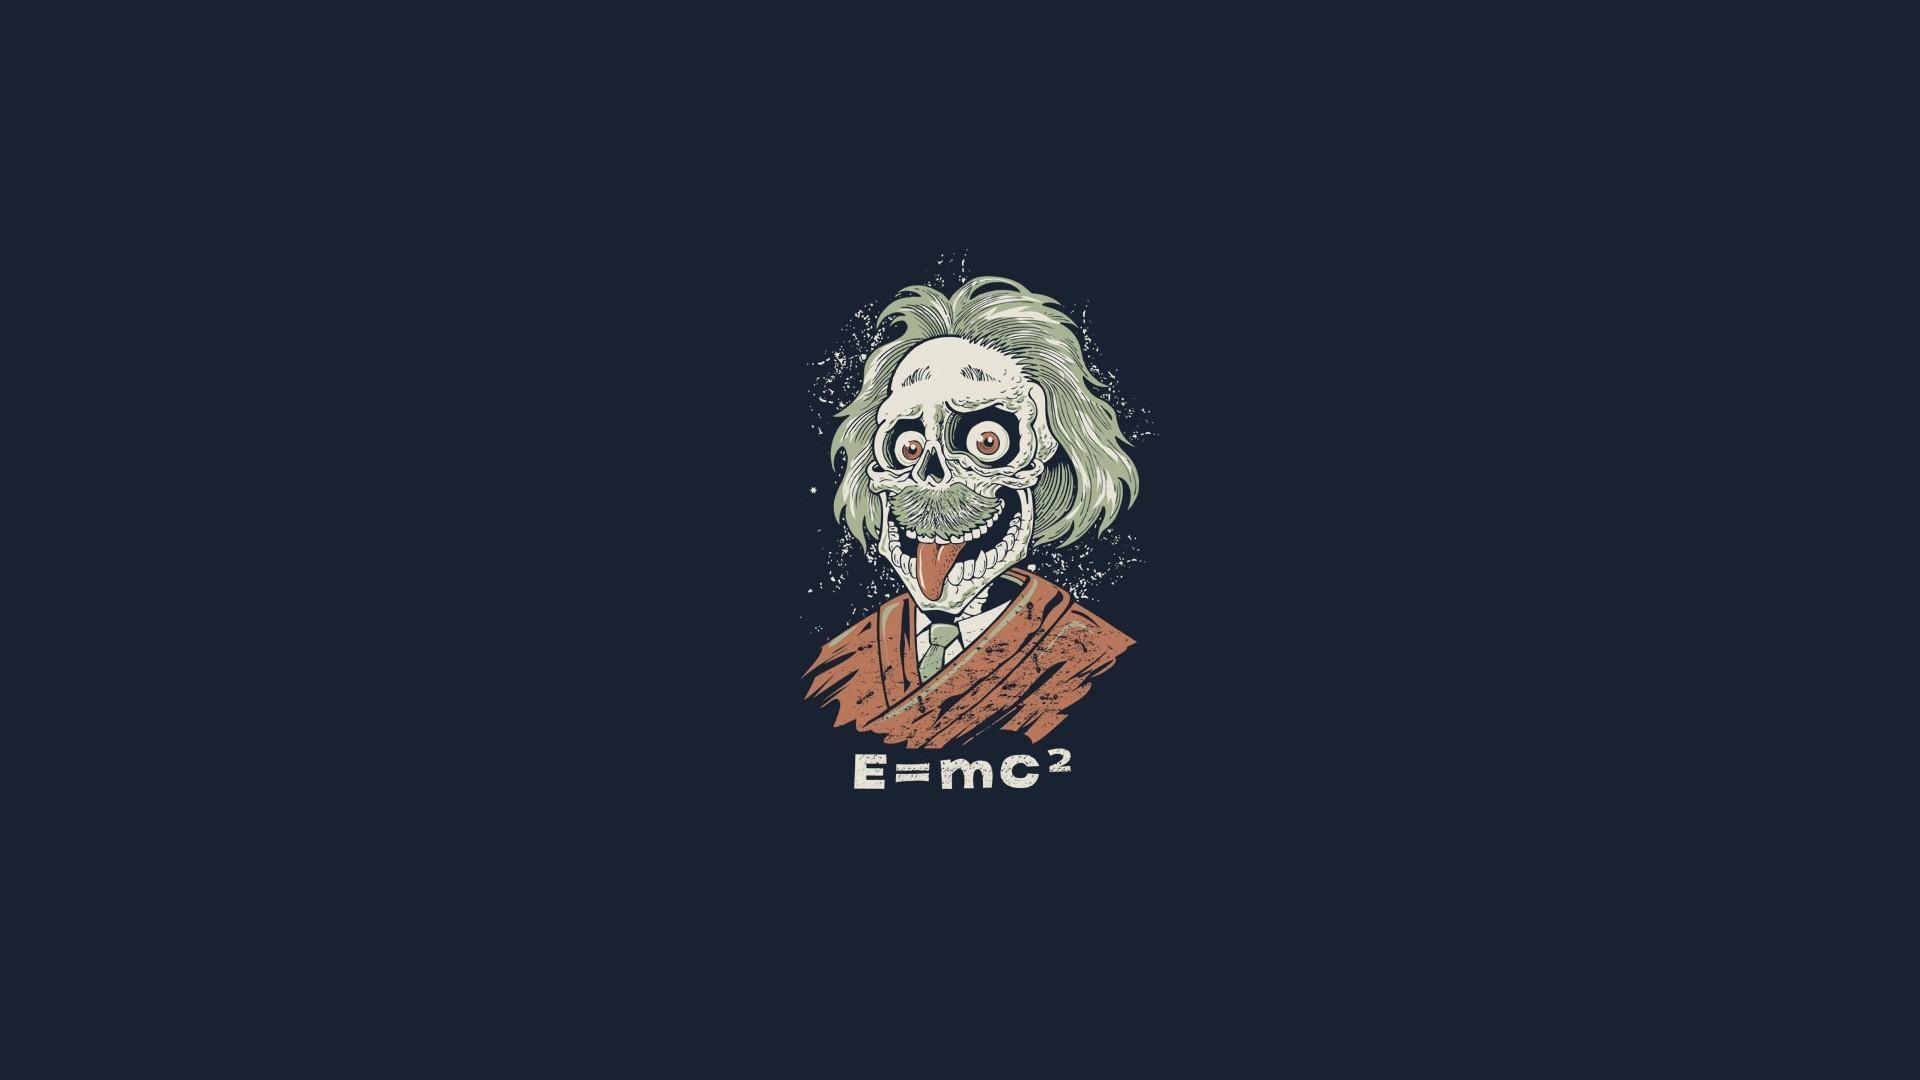 Albert Einstein Funny Zombie Hd Wallpapers Exclusive 1920x1080